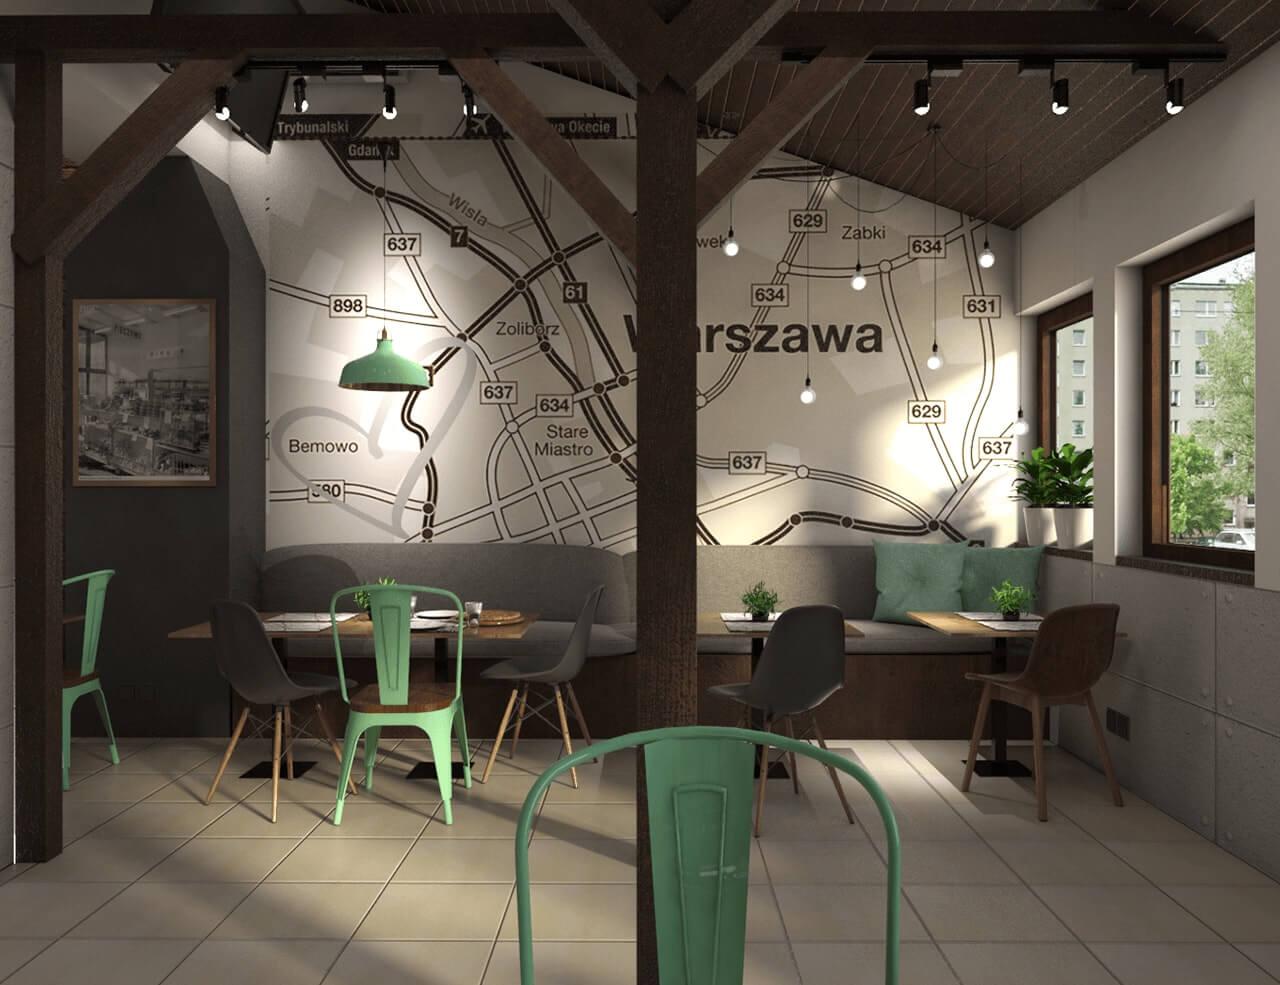 pizzeriawarszawa-4